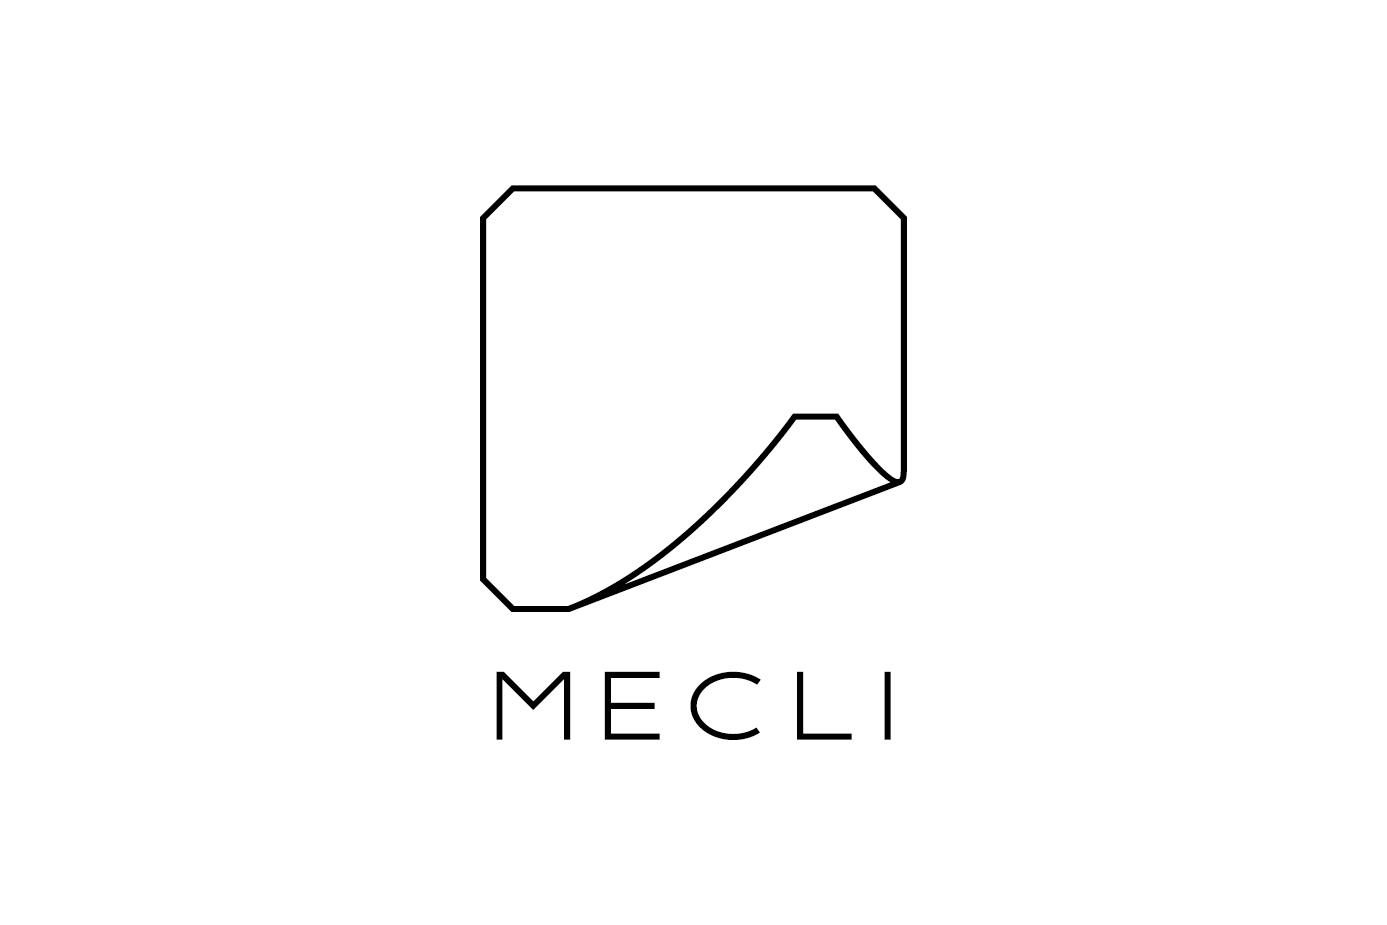 MECLIのロゴデザイン